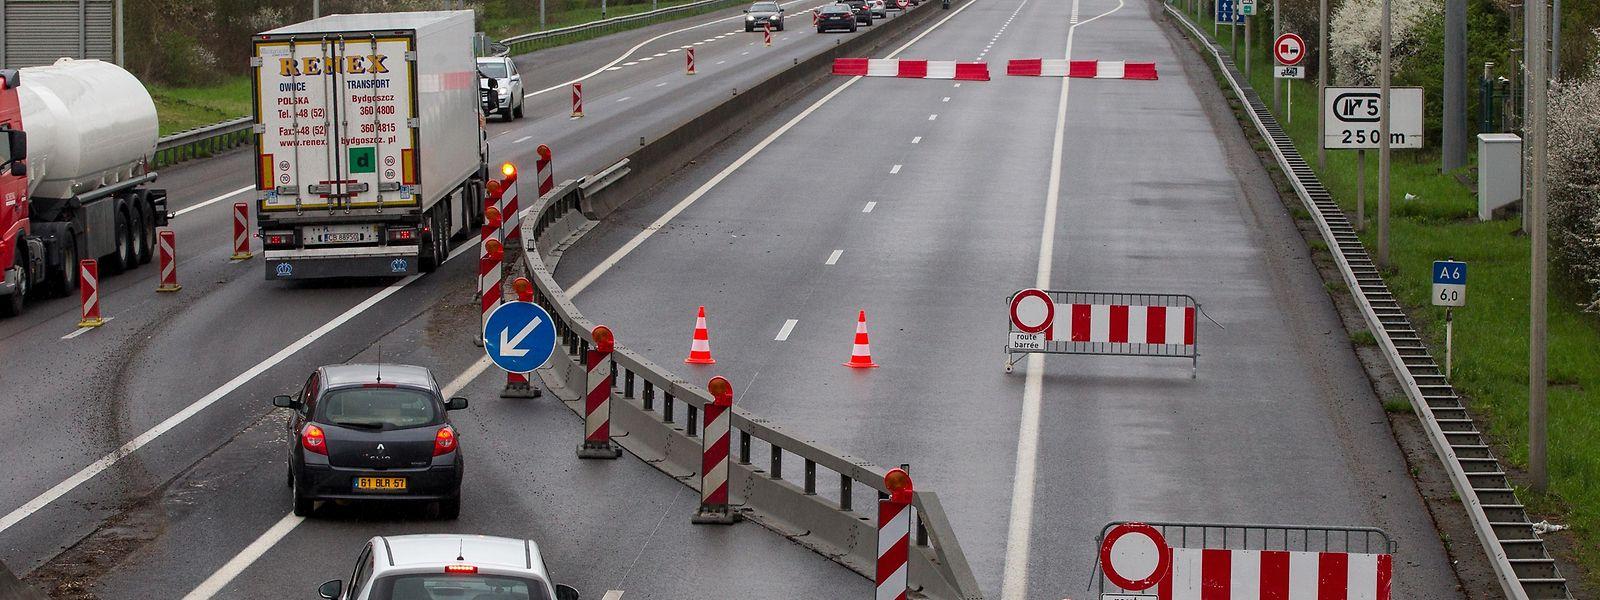 Der Verkehr wird einspurig an dem betroffenen Abschnitt vorbeigeführt.